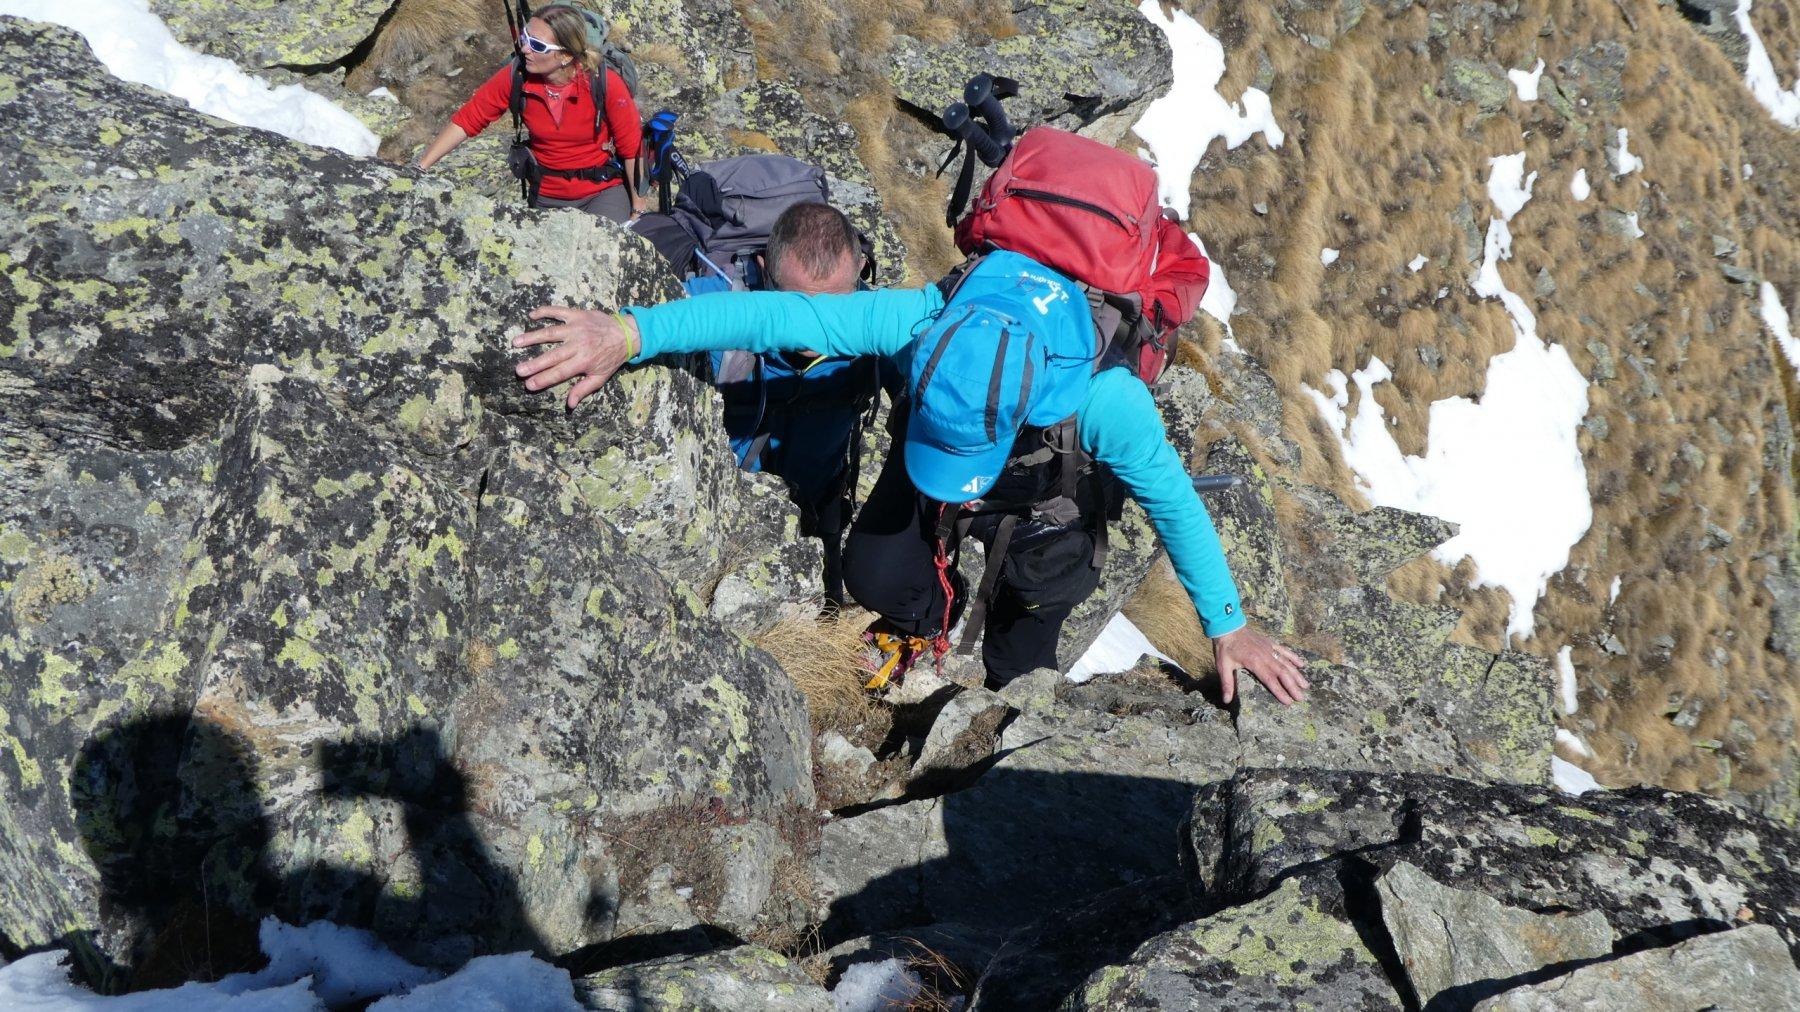 qualche passaggio di facile arrampicata lungo la cresta